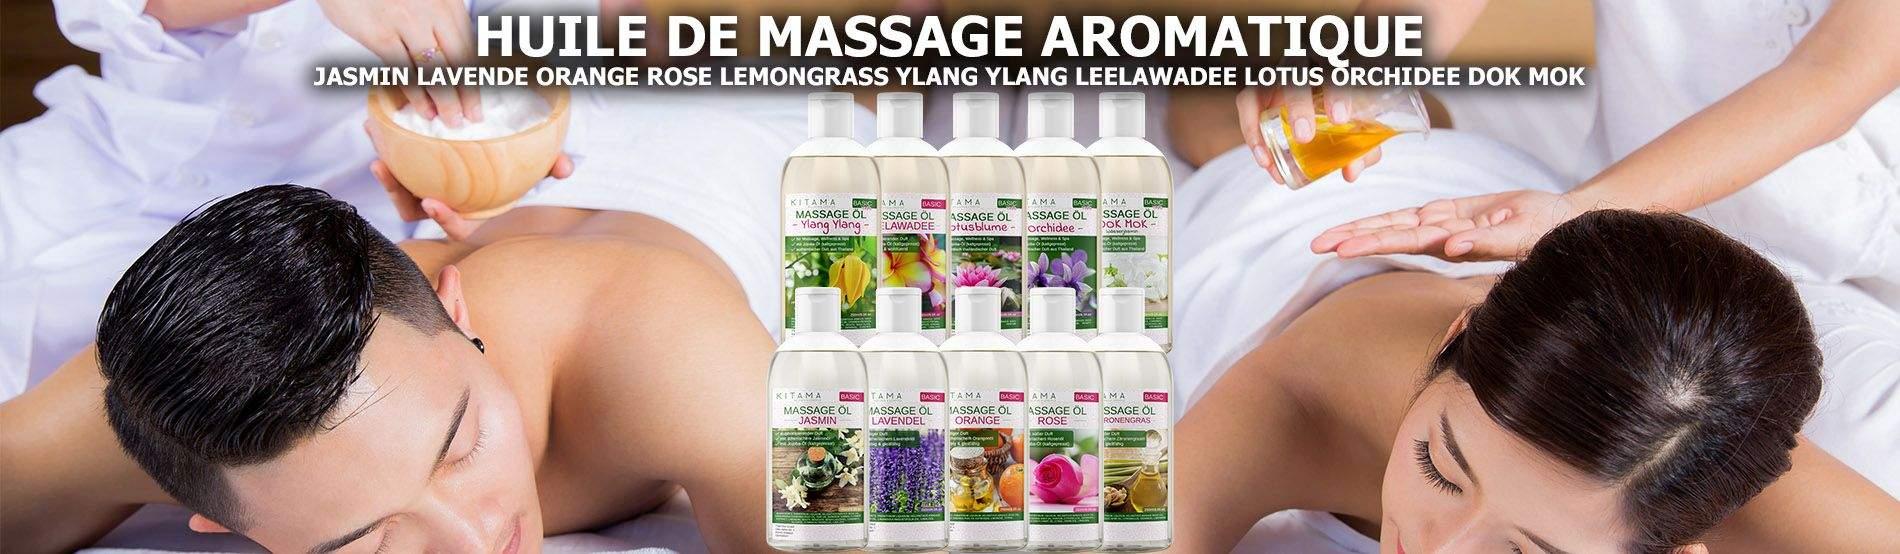 Huile de massage aromatisée